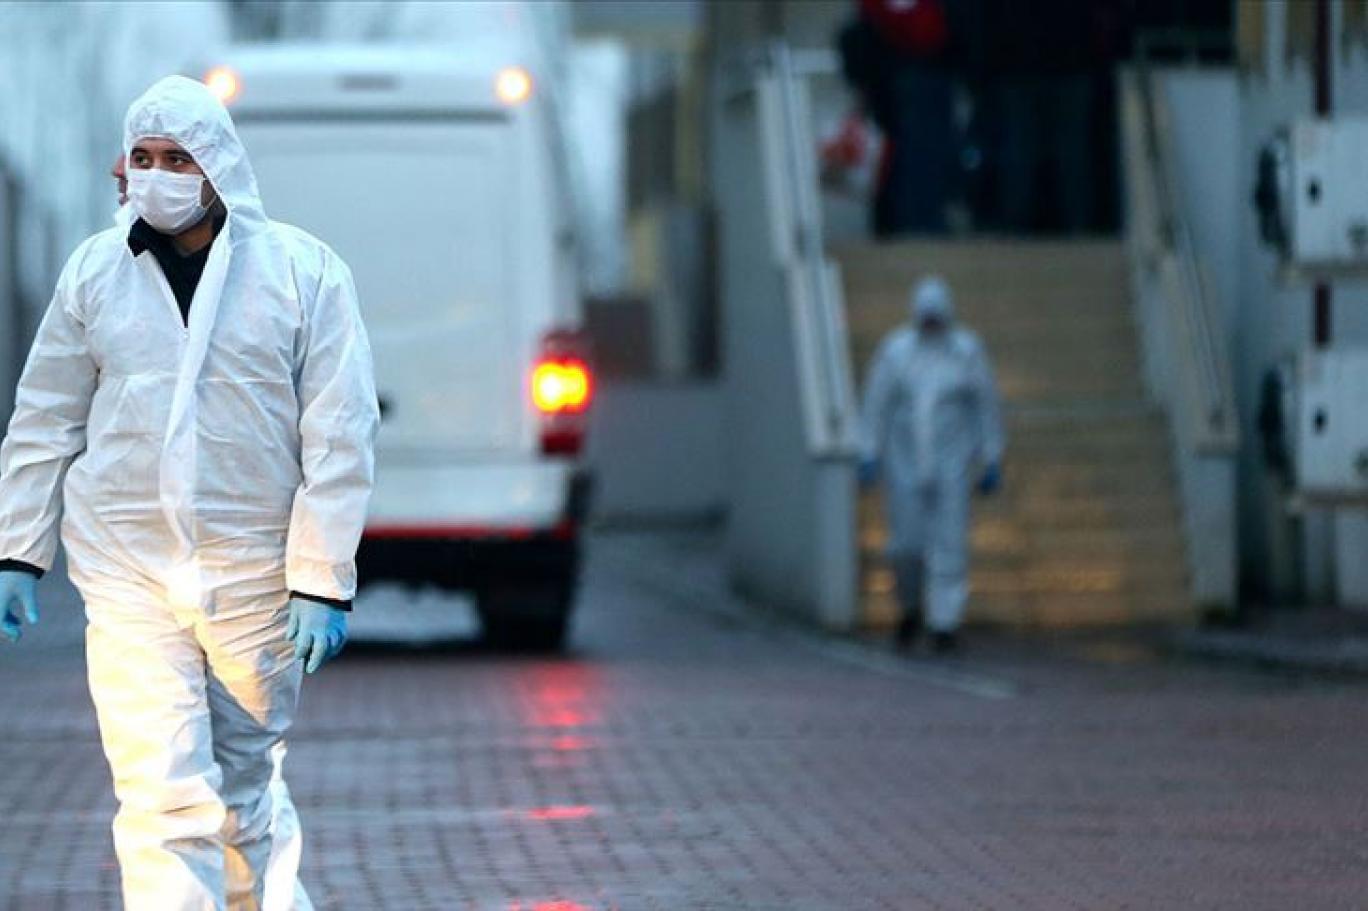 Türkiye'de koronavirüs: 24 saatte 26 bin 822 yeni vaka, 122 can kaybı